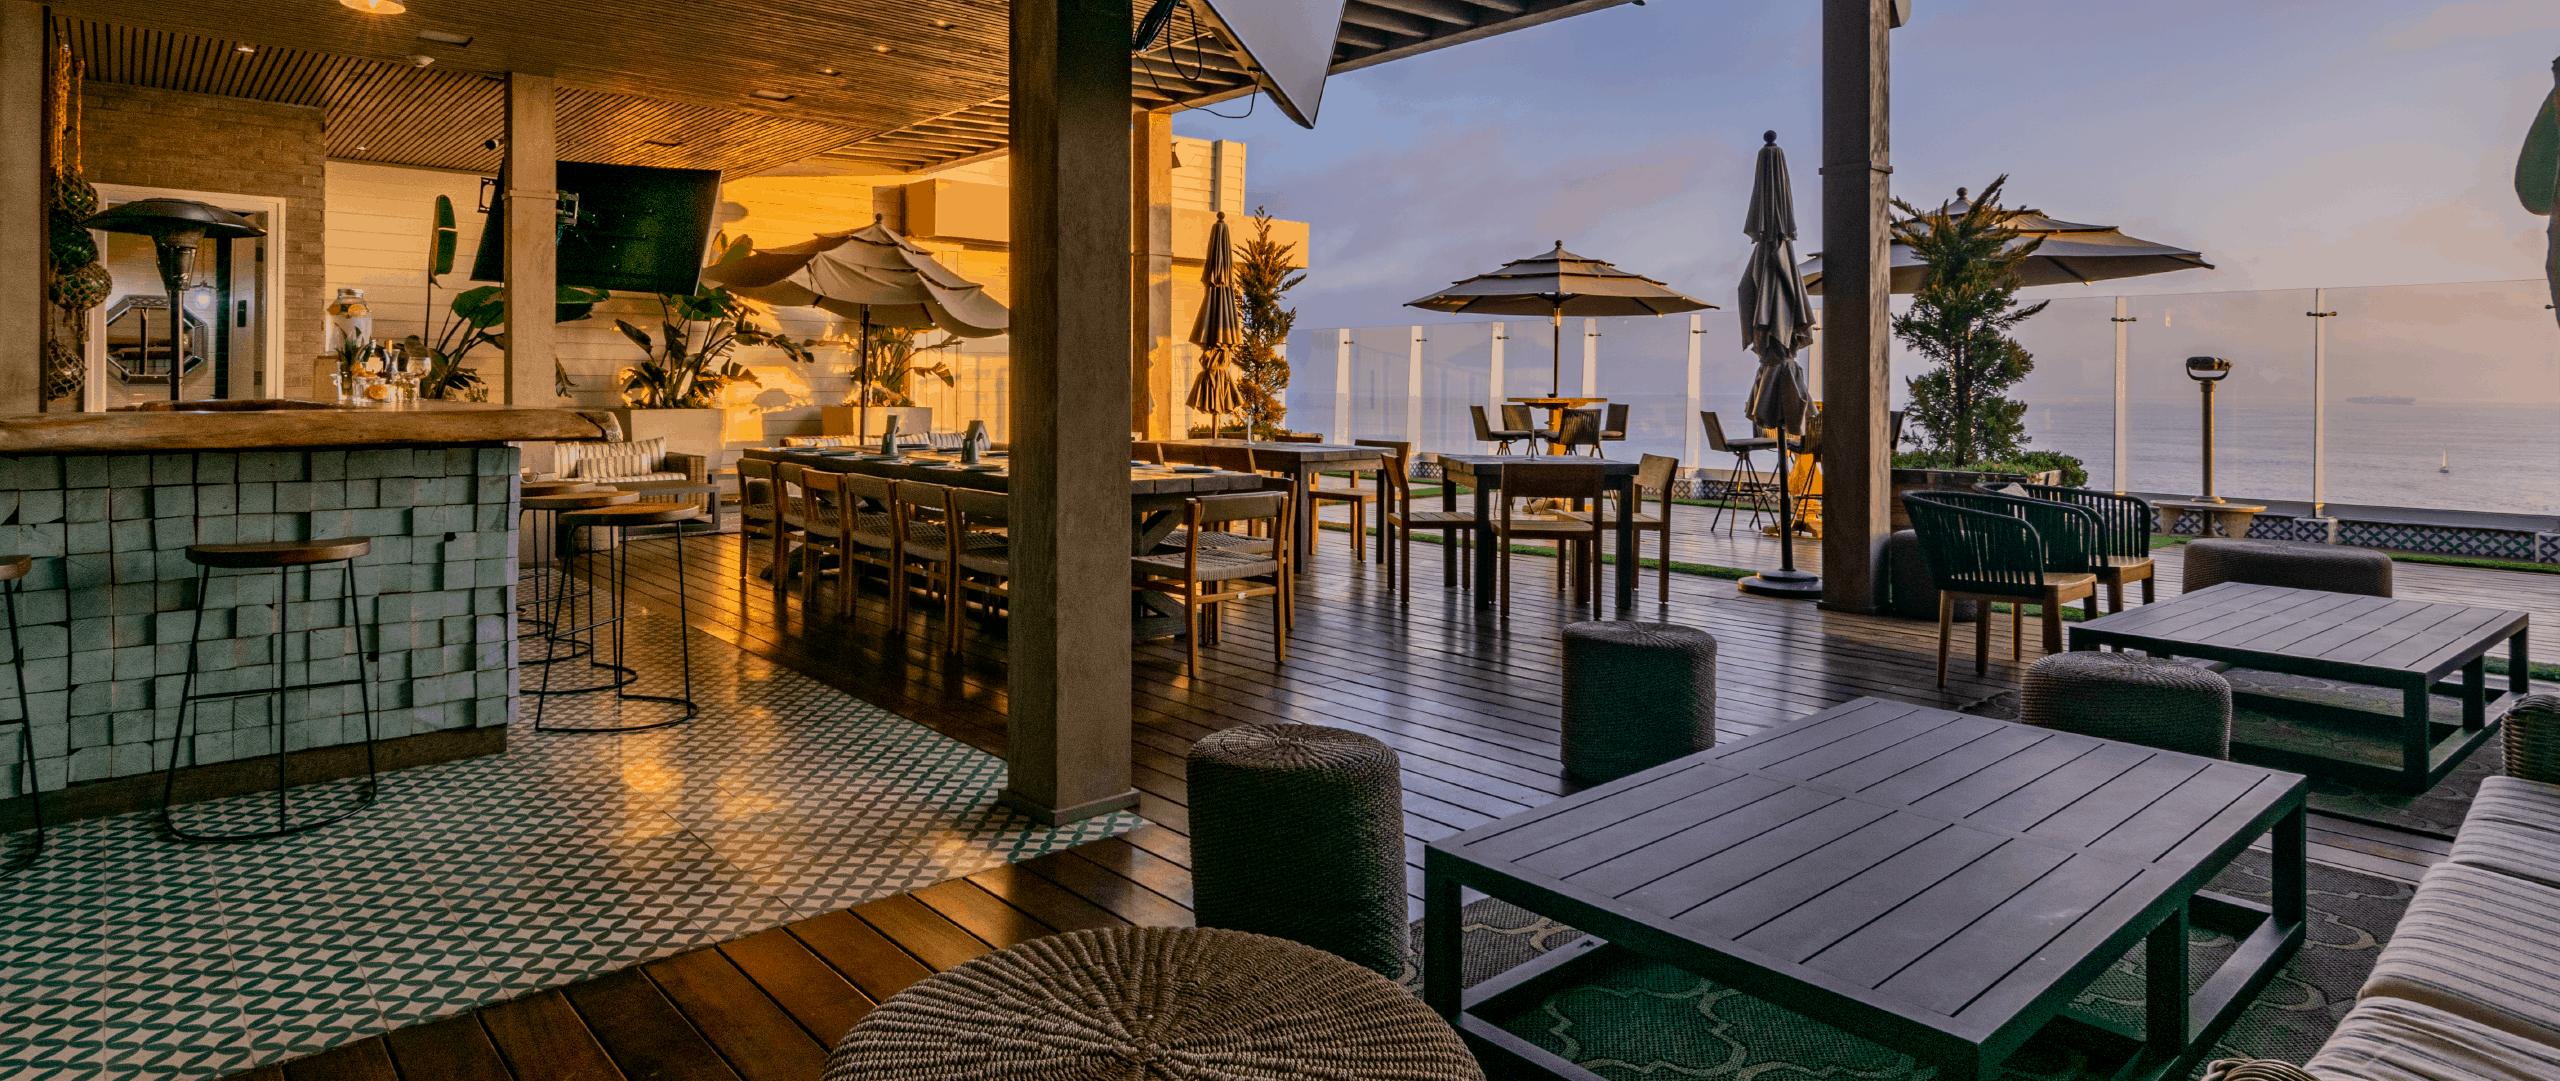 Restaurante la azotea 2560x1081 seccion principal